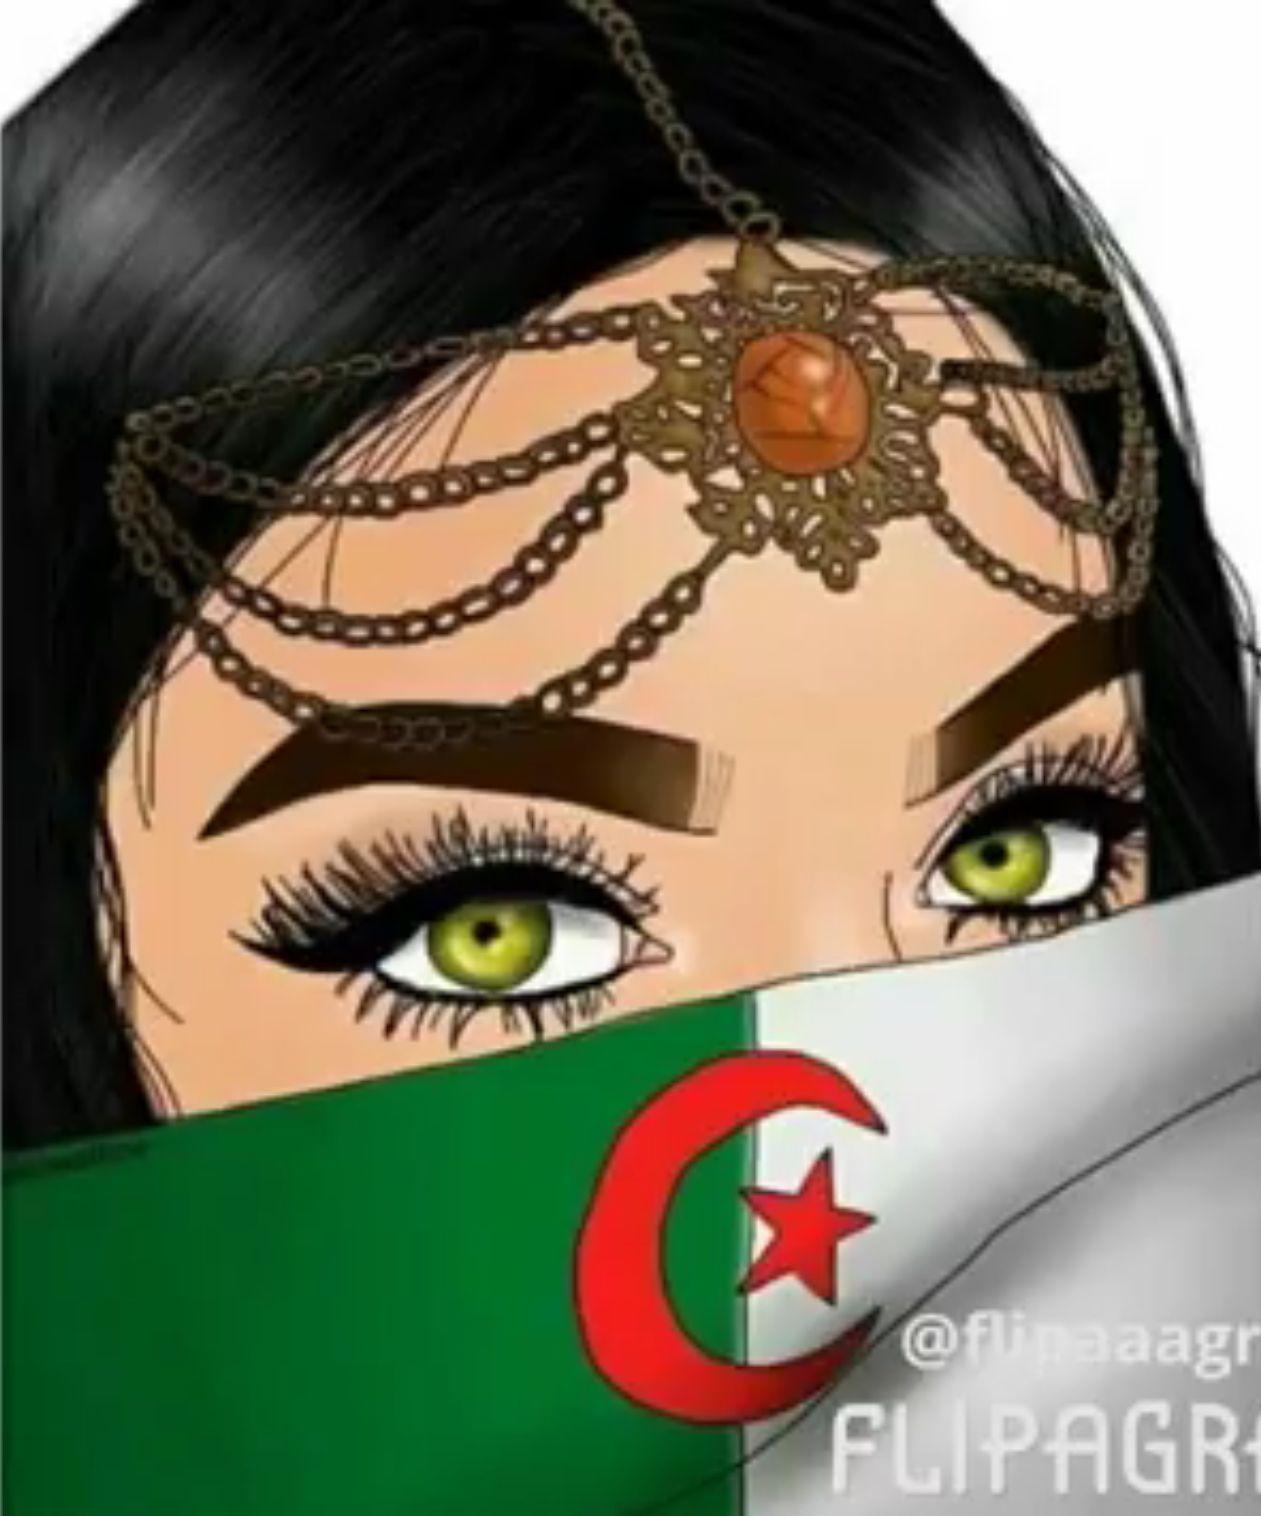 Algerie Drapeau Algerie Fille Algerienne Image Drapeau